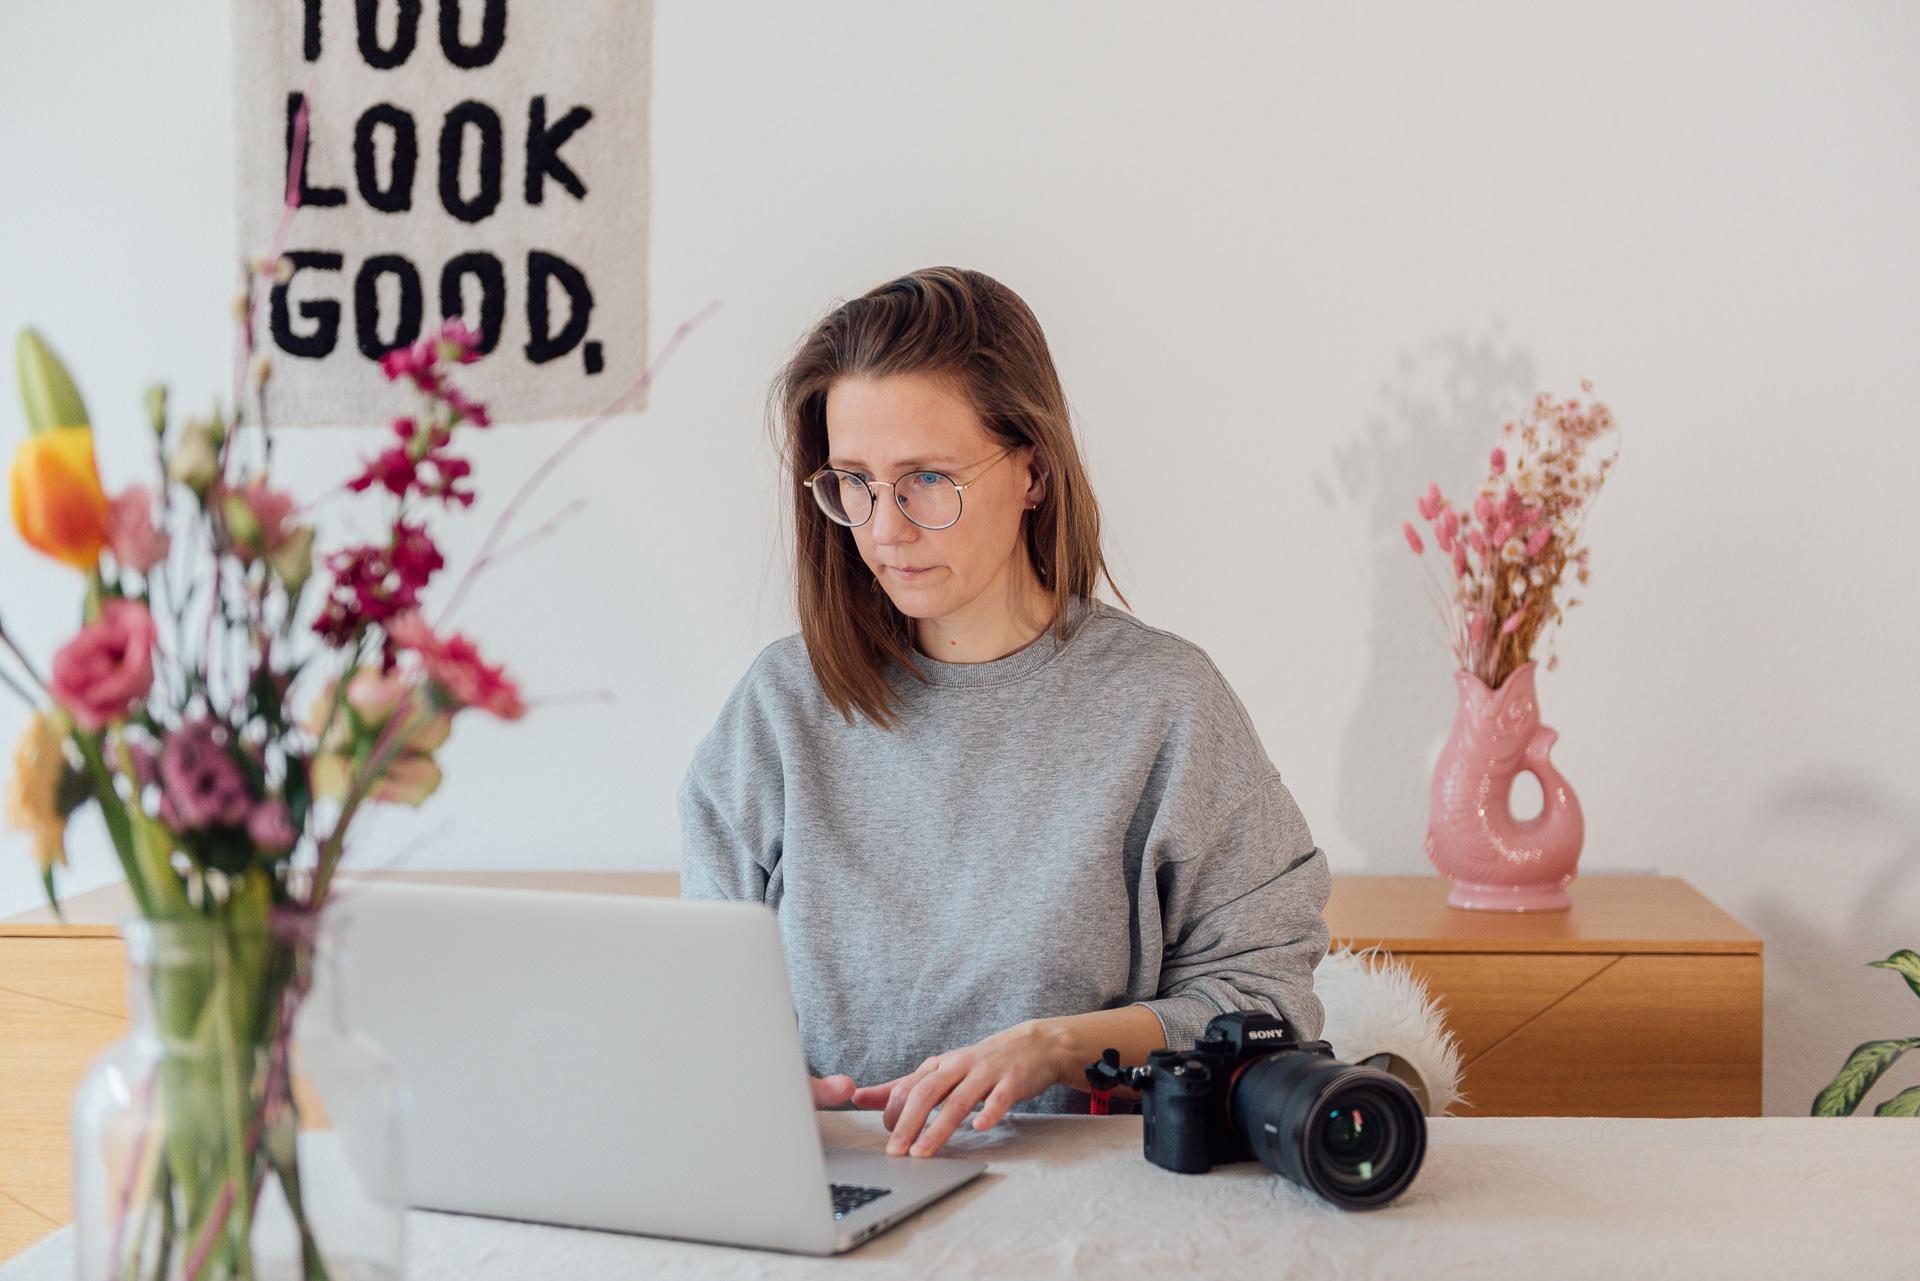 Fotografin Mirjam Kilter sitzt mit ihrer Kamera am Tisch an einem Macbook